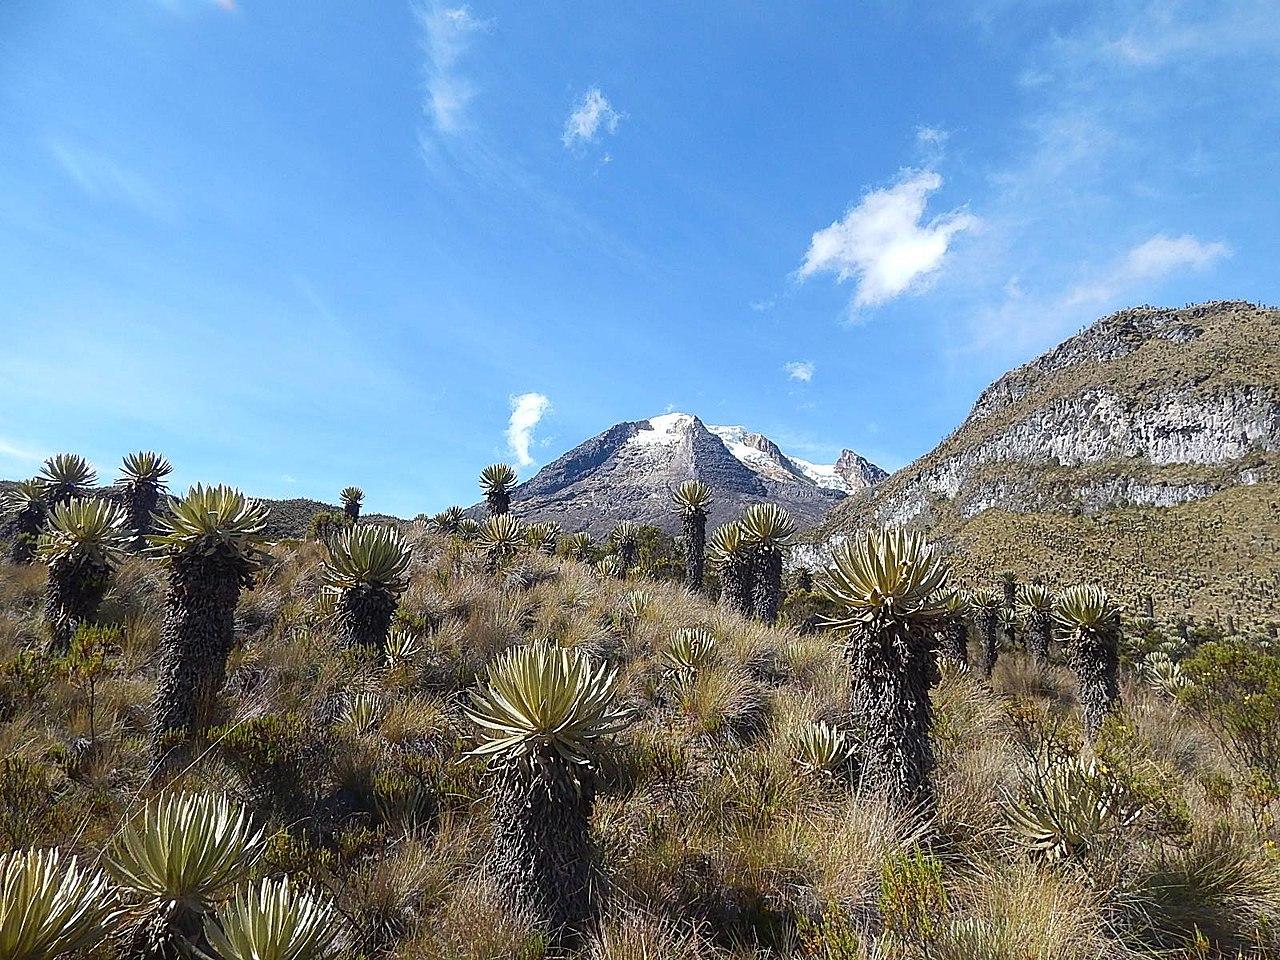 Iklim gunung adalah salah satu fitur unik dari Andes dan relief ketinggian lainnya.